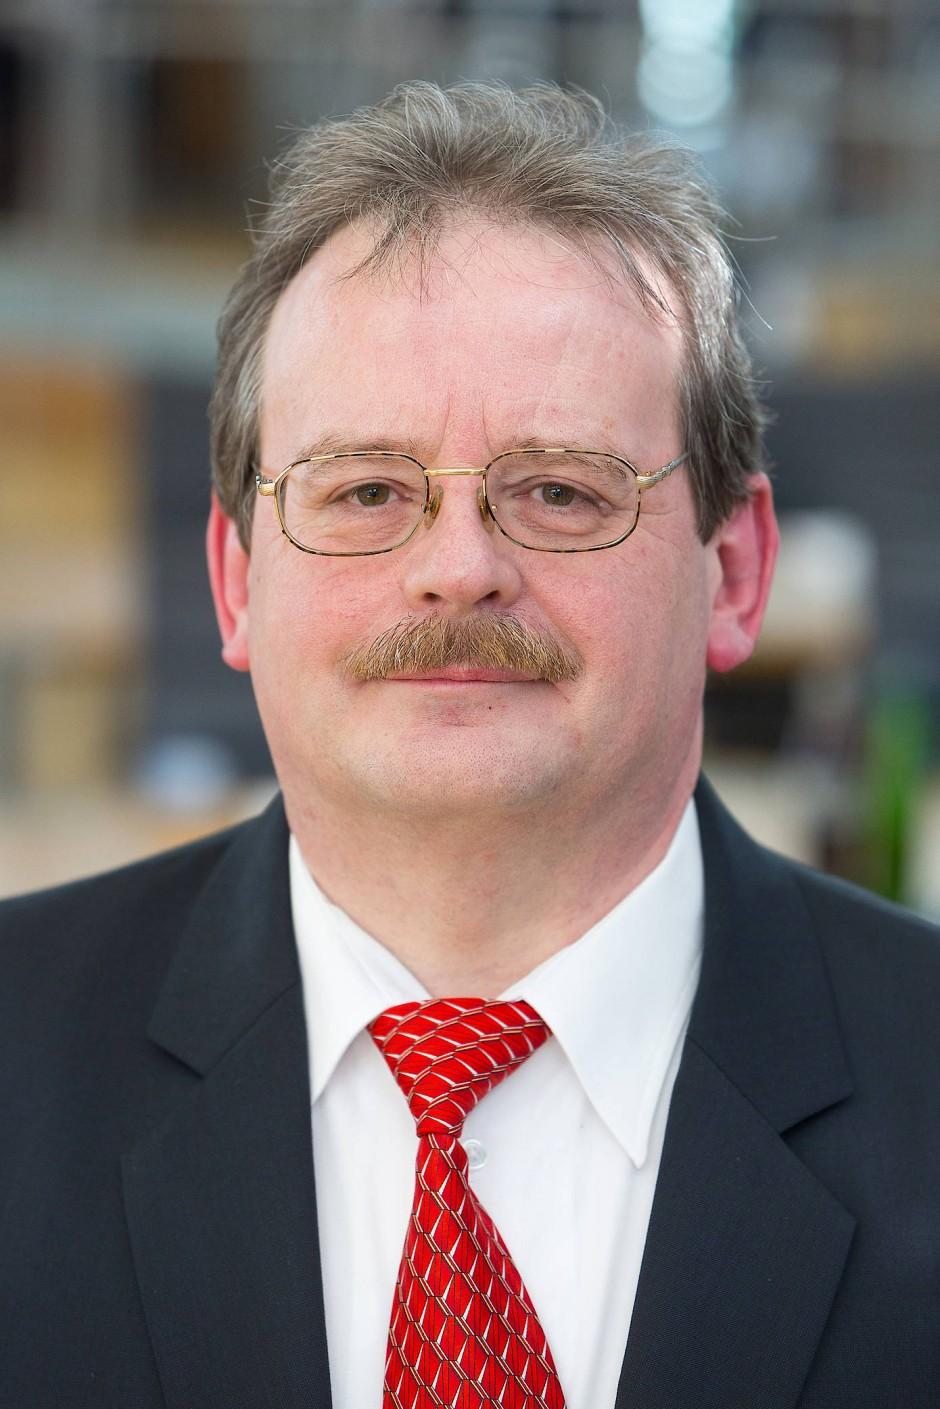 AfD-Fraktionschef des Hochtaunuskreis, Thomas Langnickel, legt sein Amt nieder.